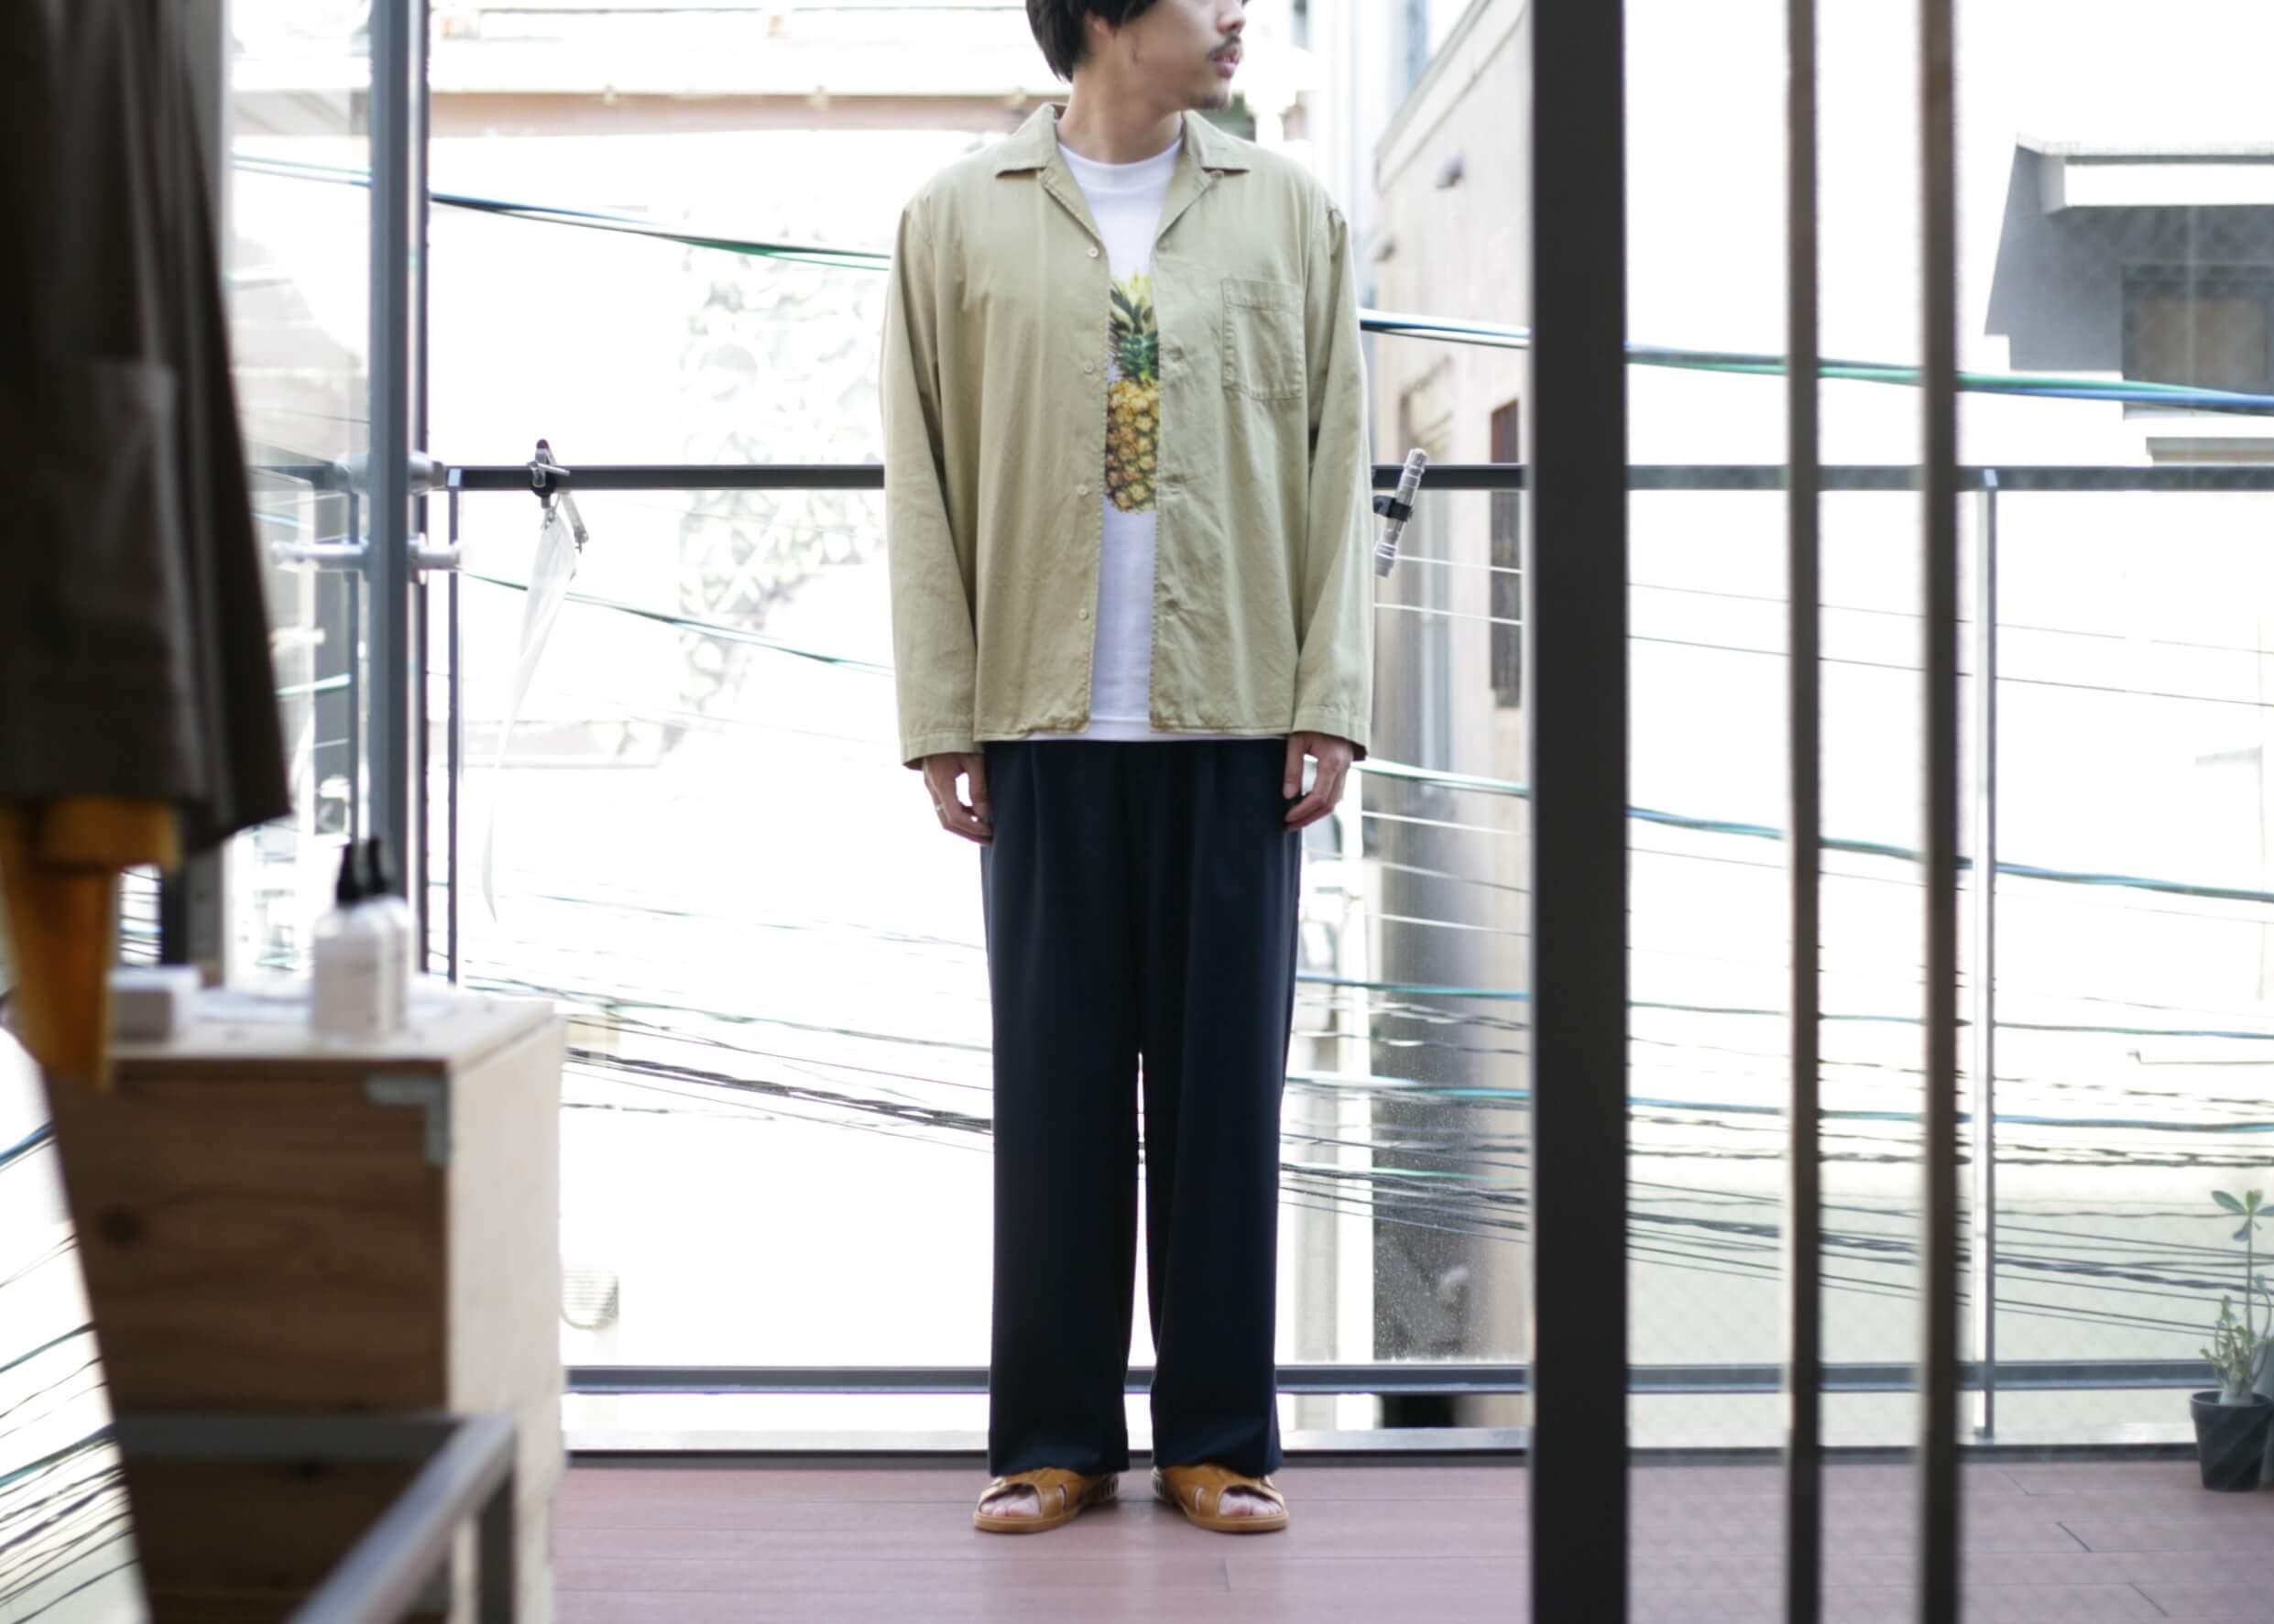 bunt - L/S open collar shirts 開けた状態でのスタイル